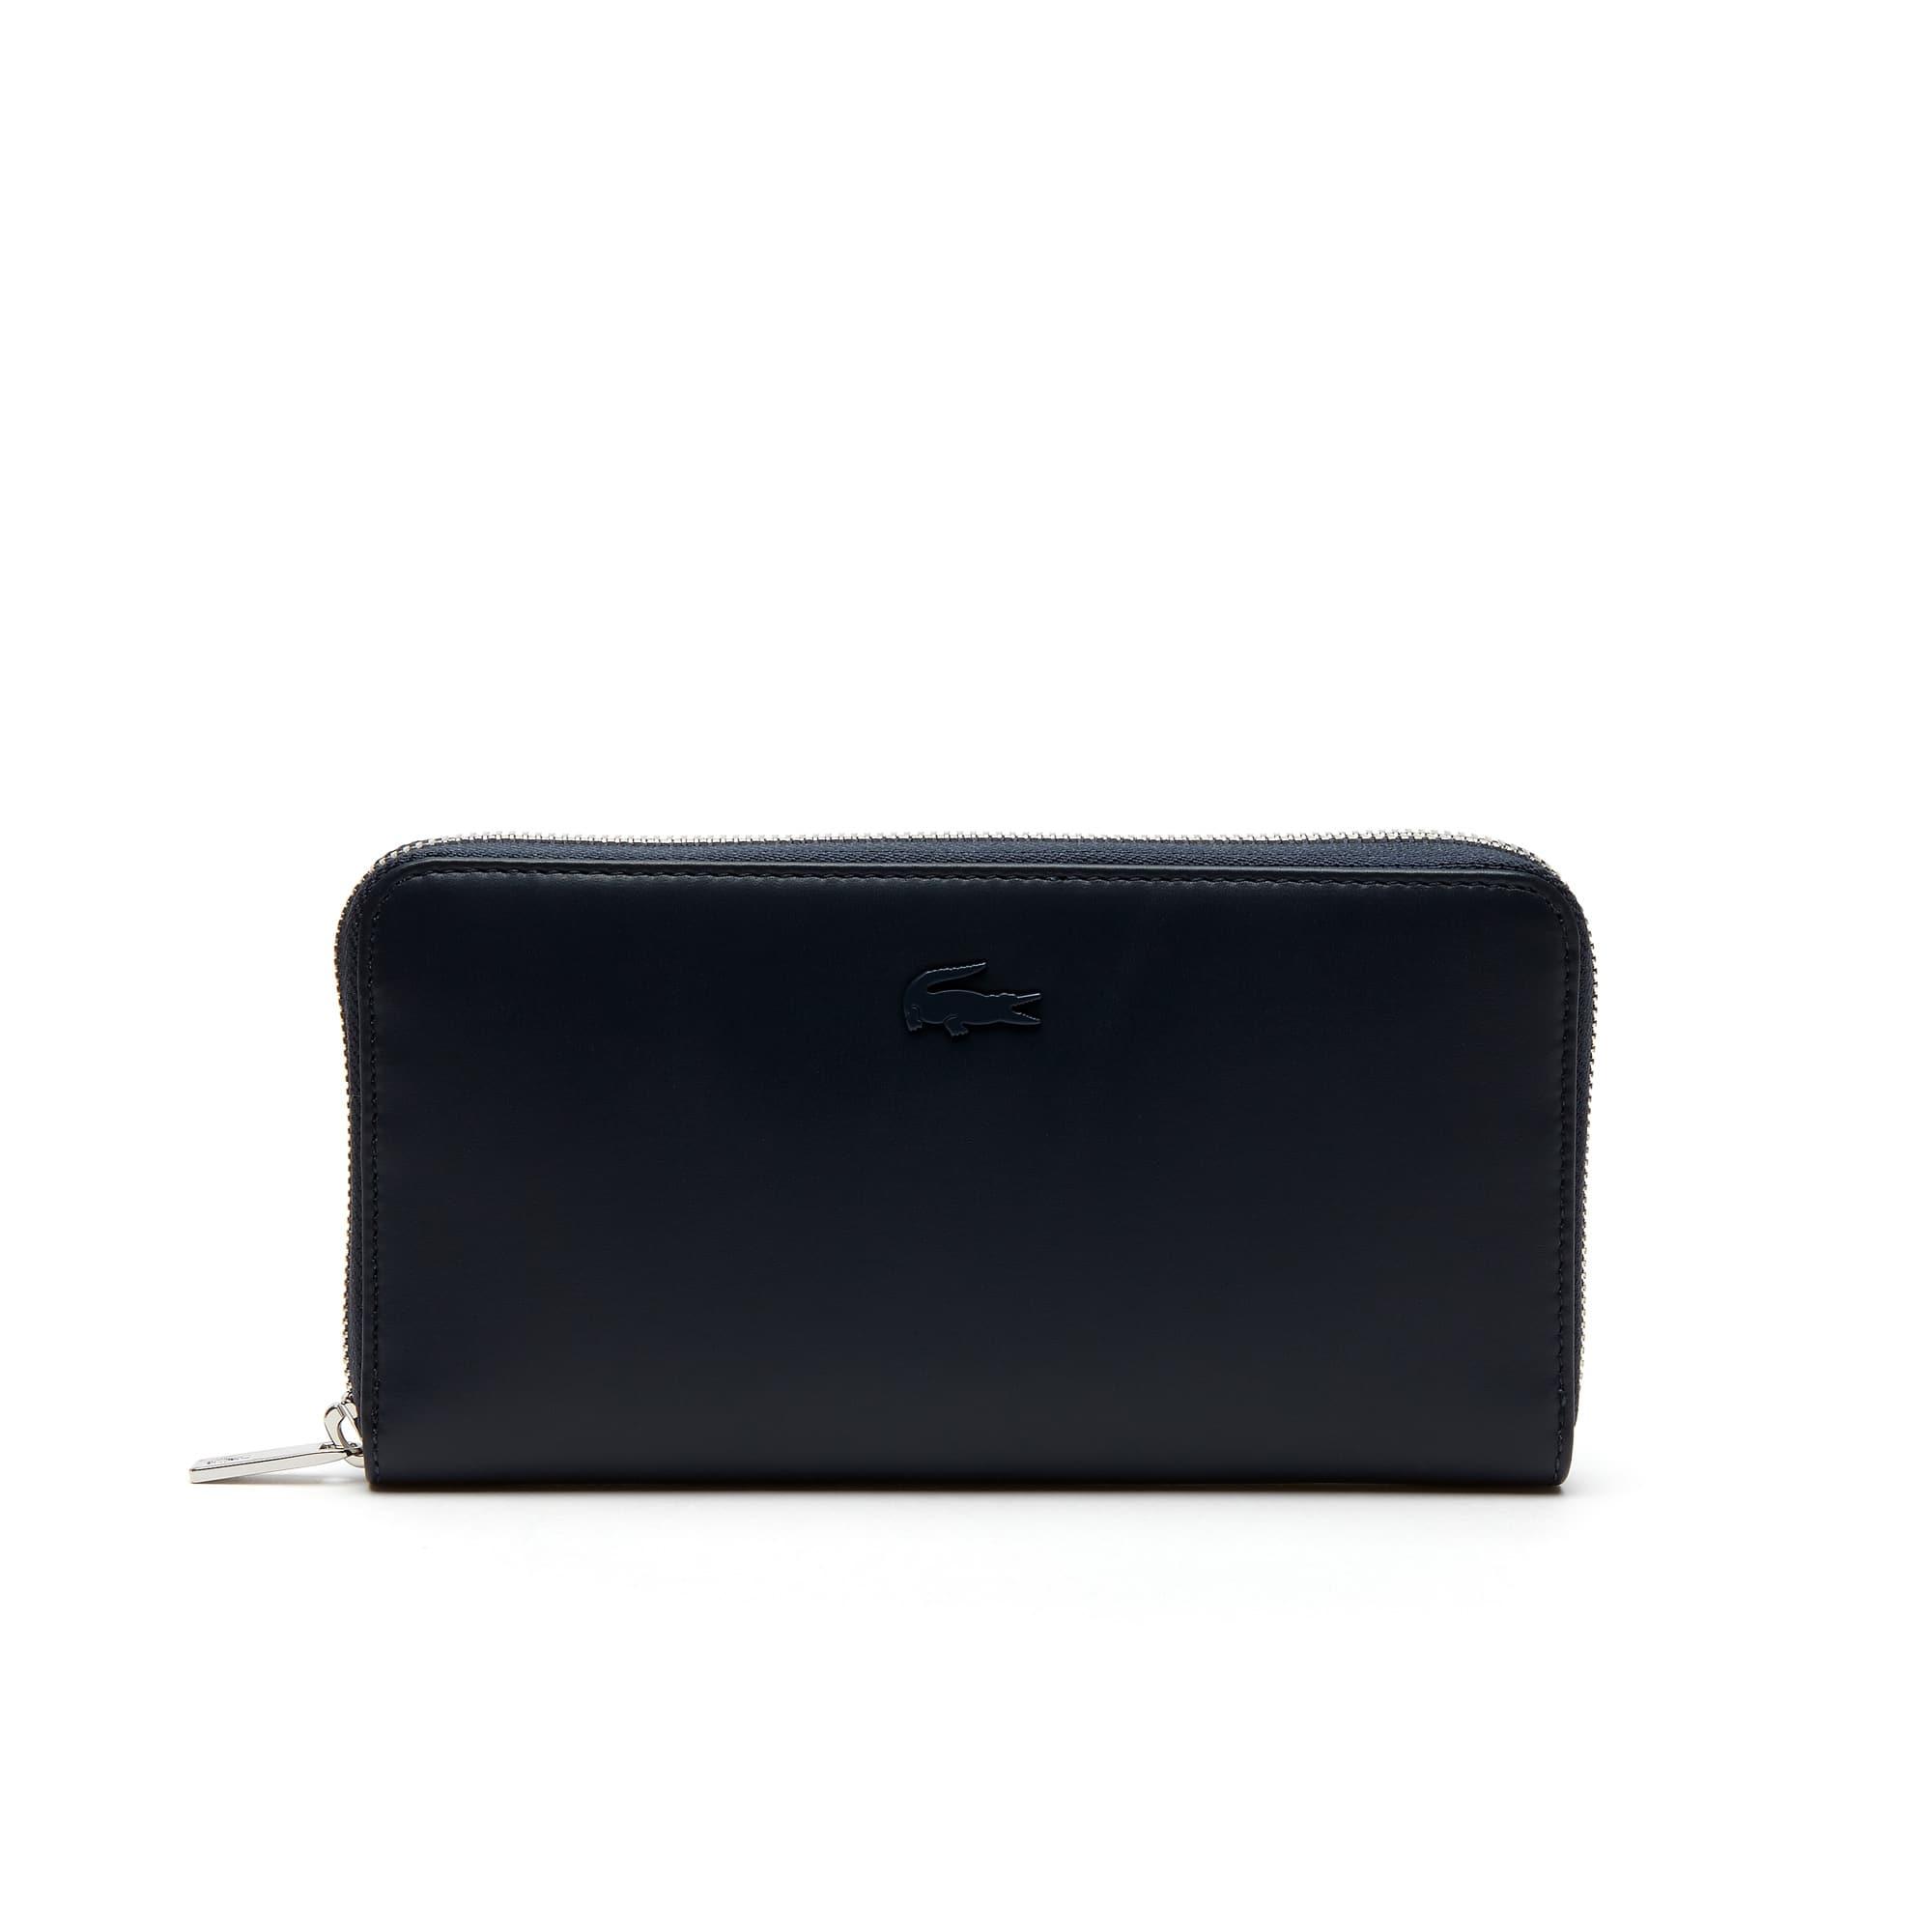 Einfarbige 8 Karten-Damen-Brieftasche Purity Soft aus Leder